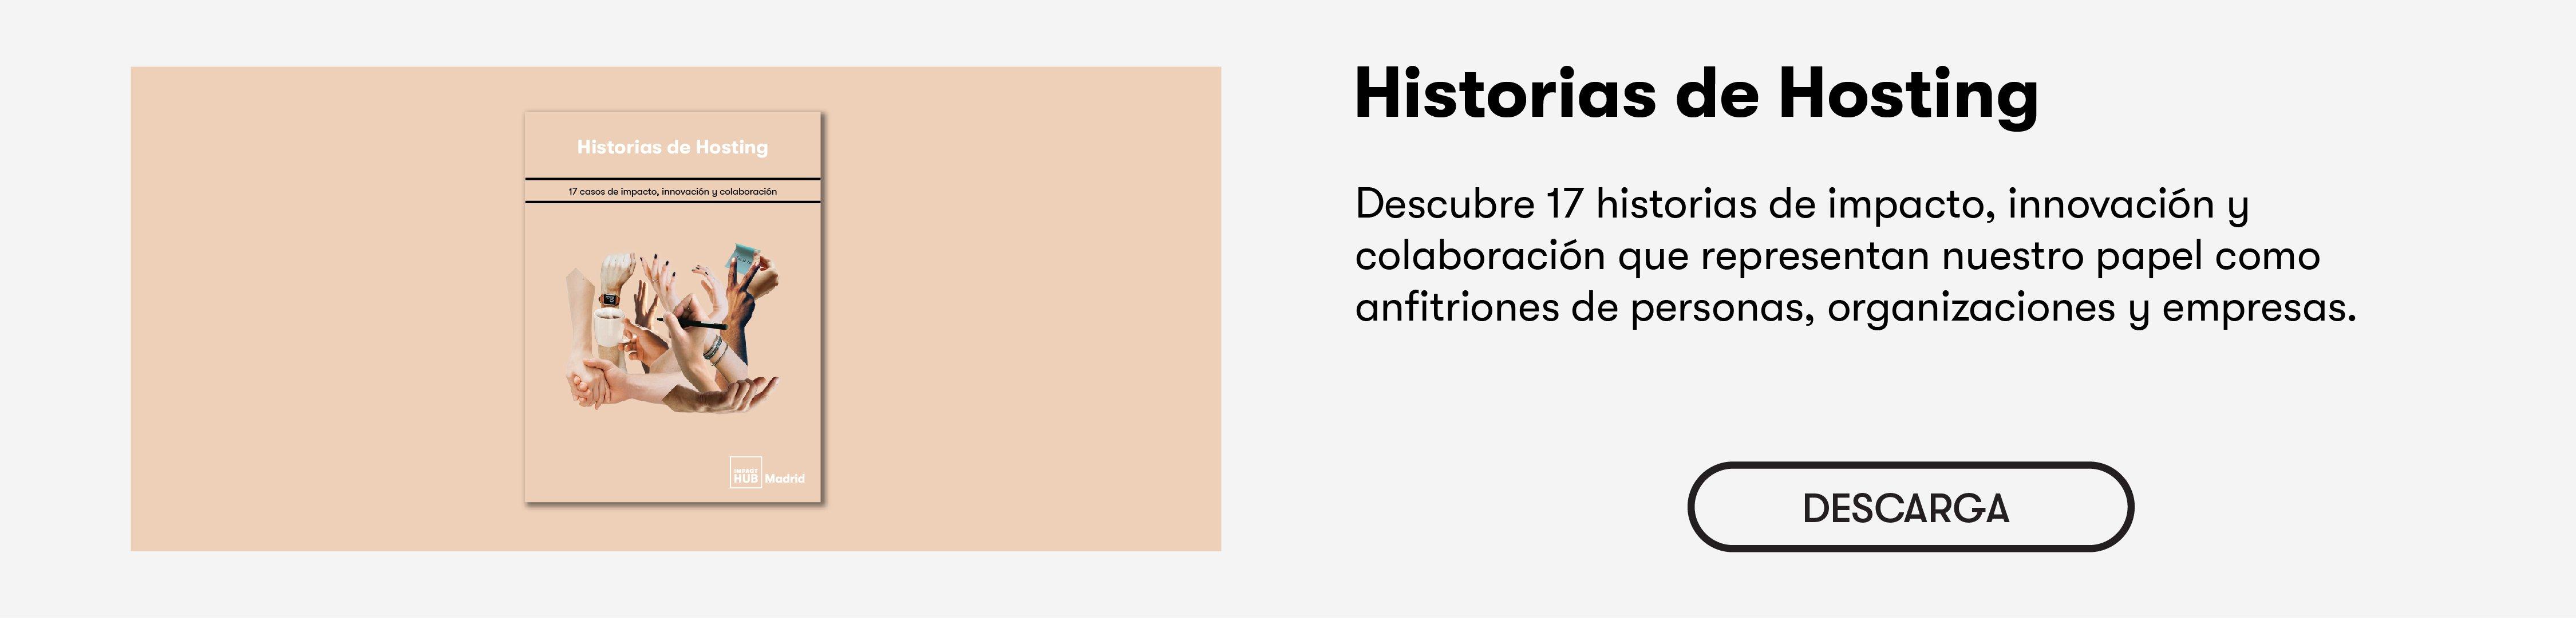 Historias de Hosting: 17 casos de impacto, innovación y colaboración en Impact Hub Madrid